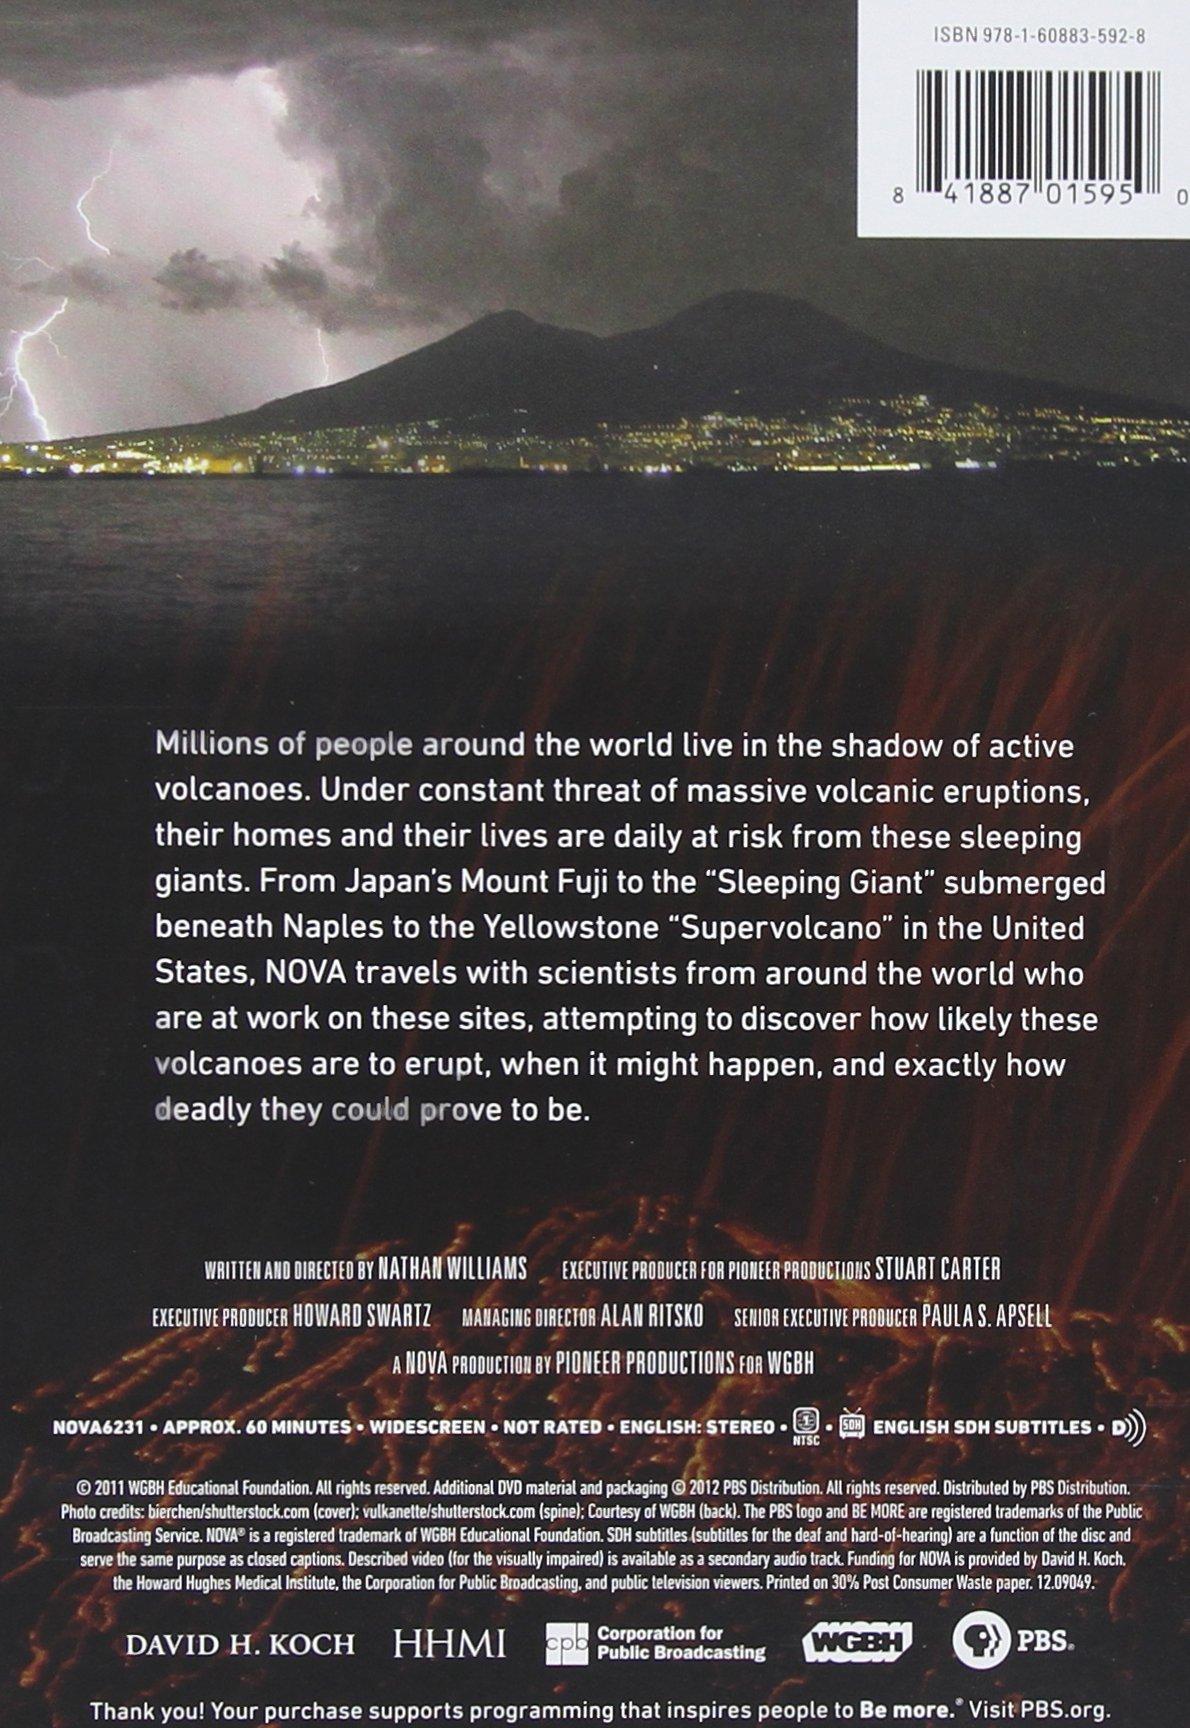 Nova: Deadliest Volcanoes